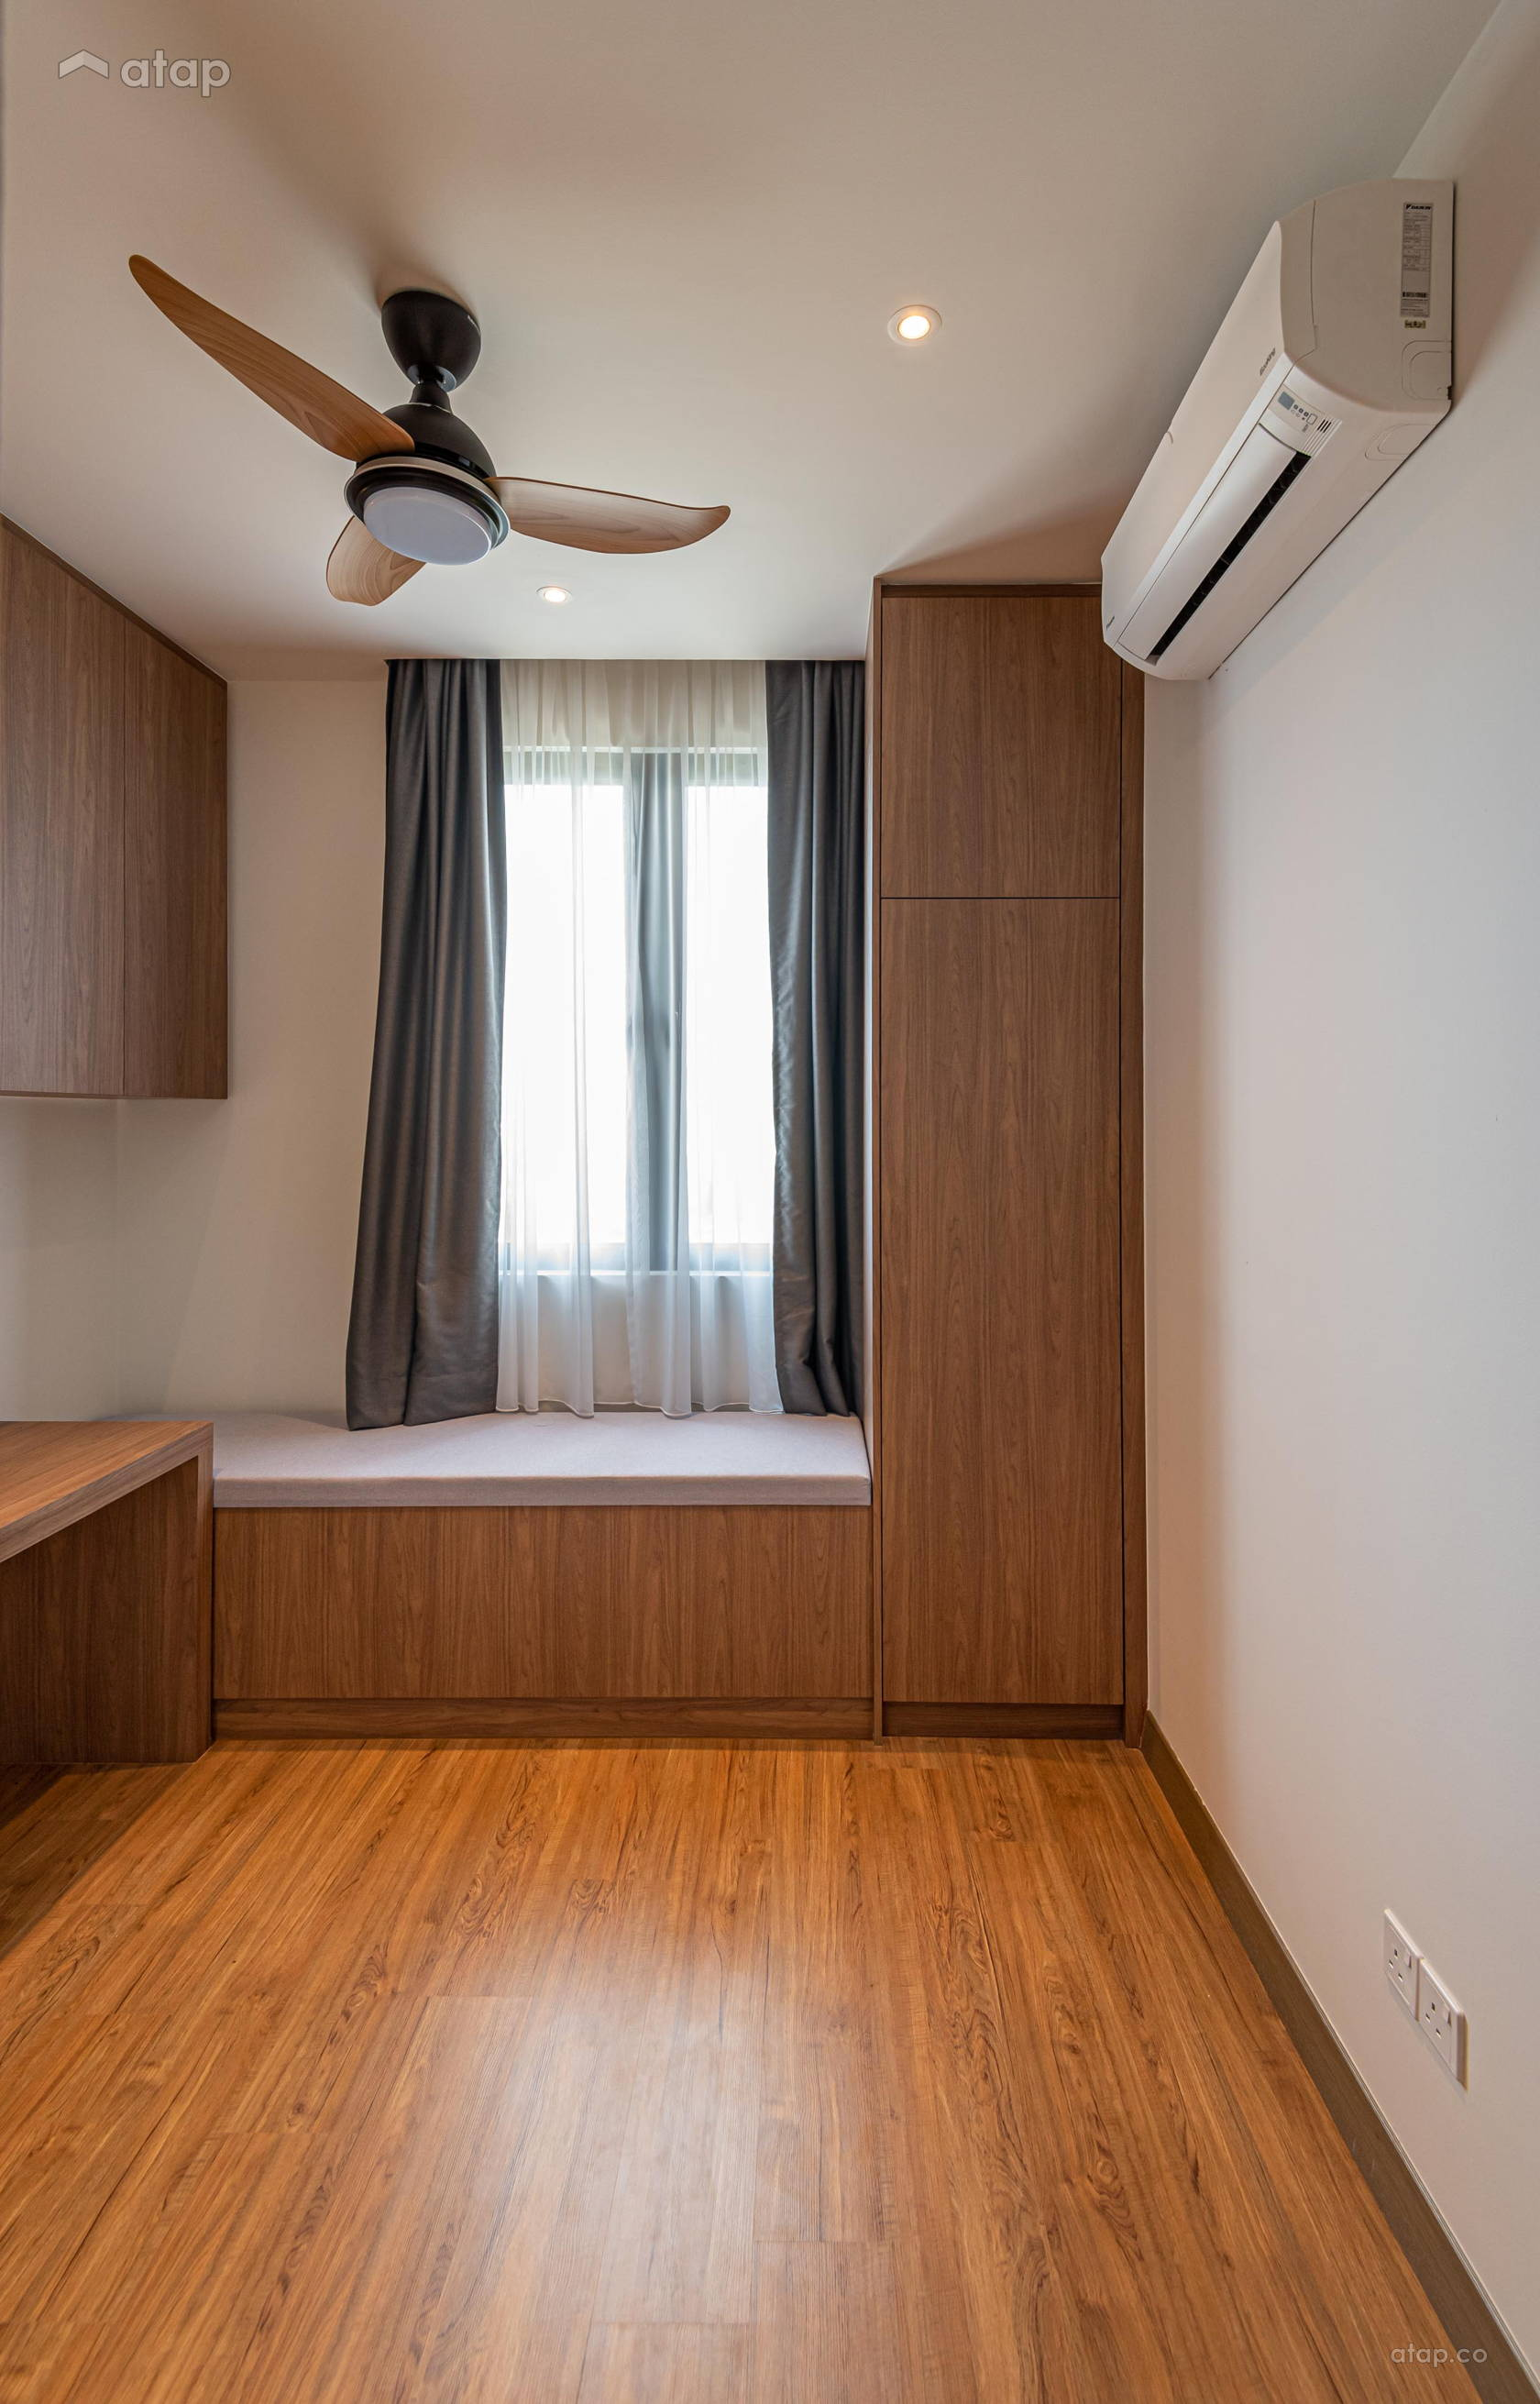 Condominium Study Room: Minimalistic Modern Study Room Condominium Design Ideas